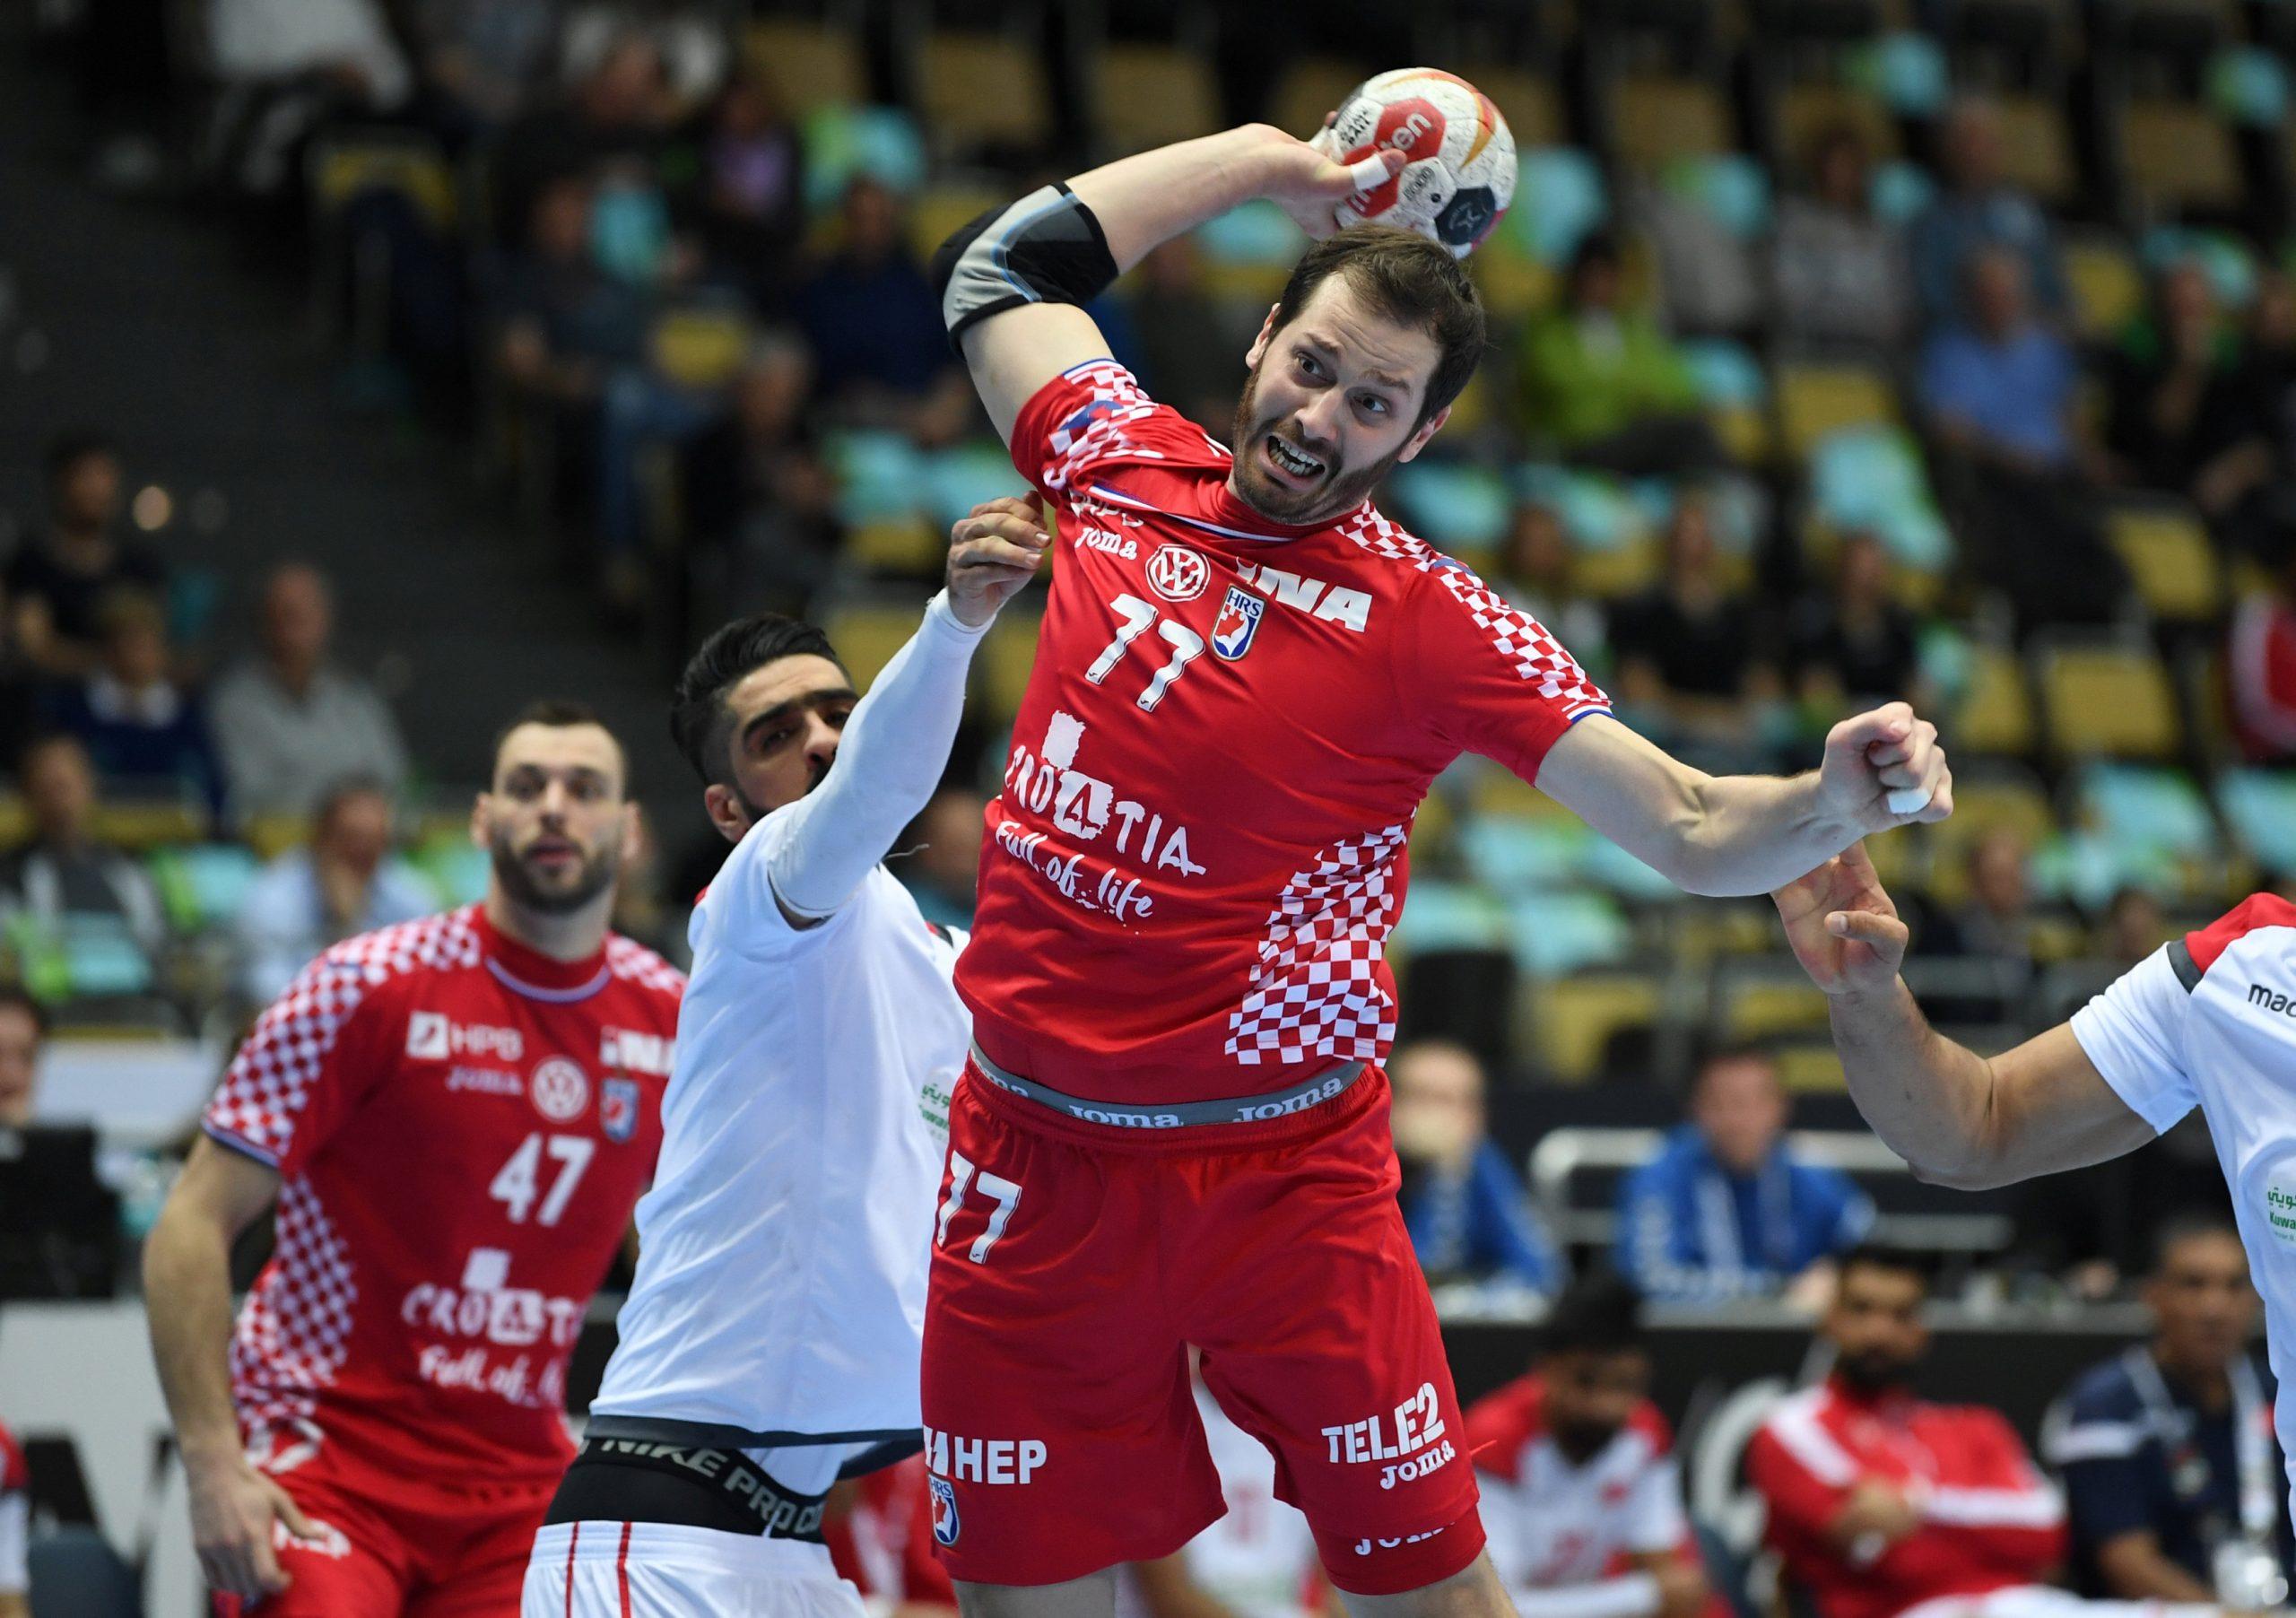 Damir Bičanić/Foto REUTERS